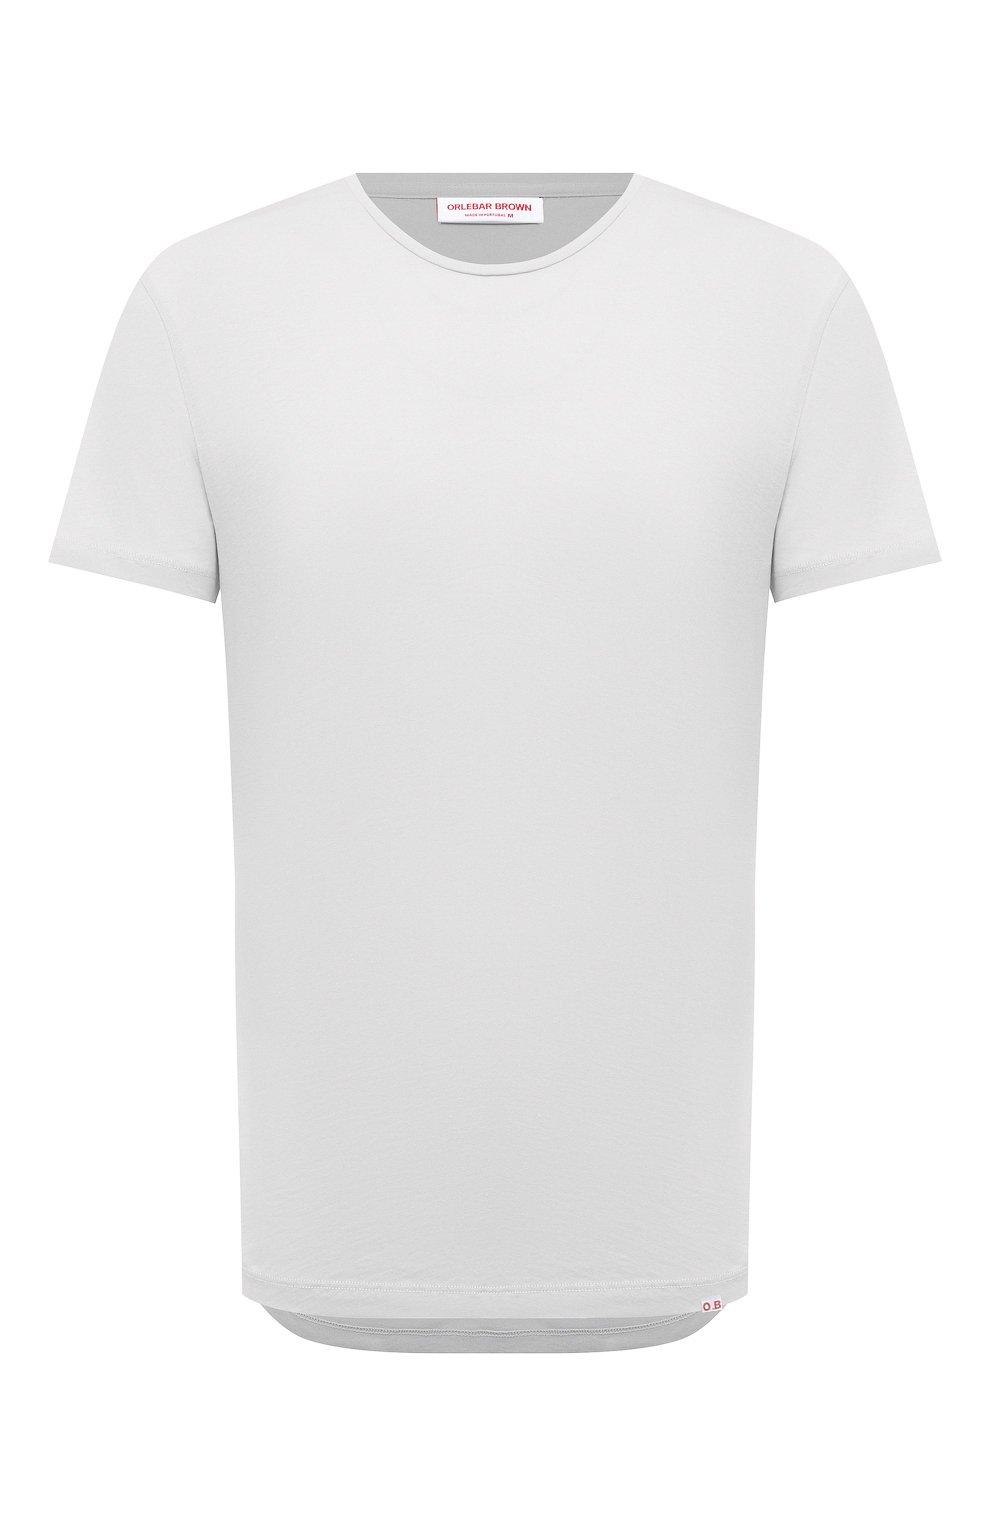 Мужская хлопковая футболка ORLEBAR BROWN светло-серого цвета, арт. 273688   Фото 1 (Кросс-КТ: Пляж; Принт: Без принта; Рукава: Короткие; Длина (для топов): Стандартные; Материал внешний: Хлопок; Стили: Кэжуэл)